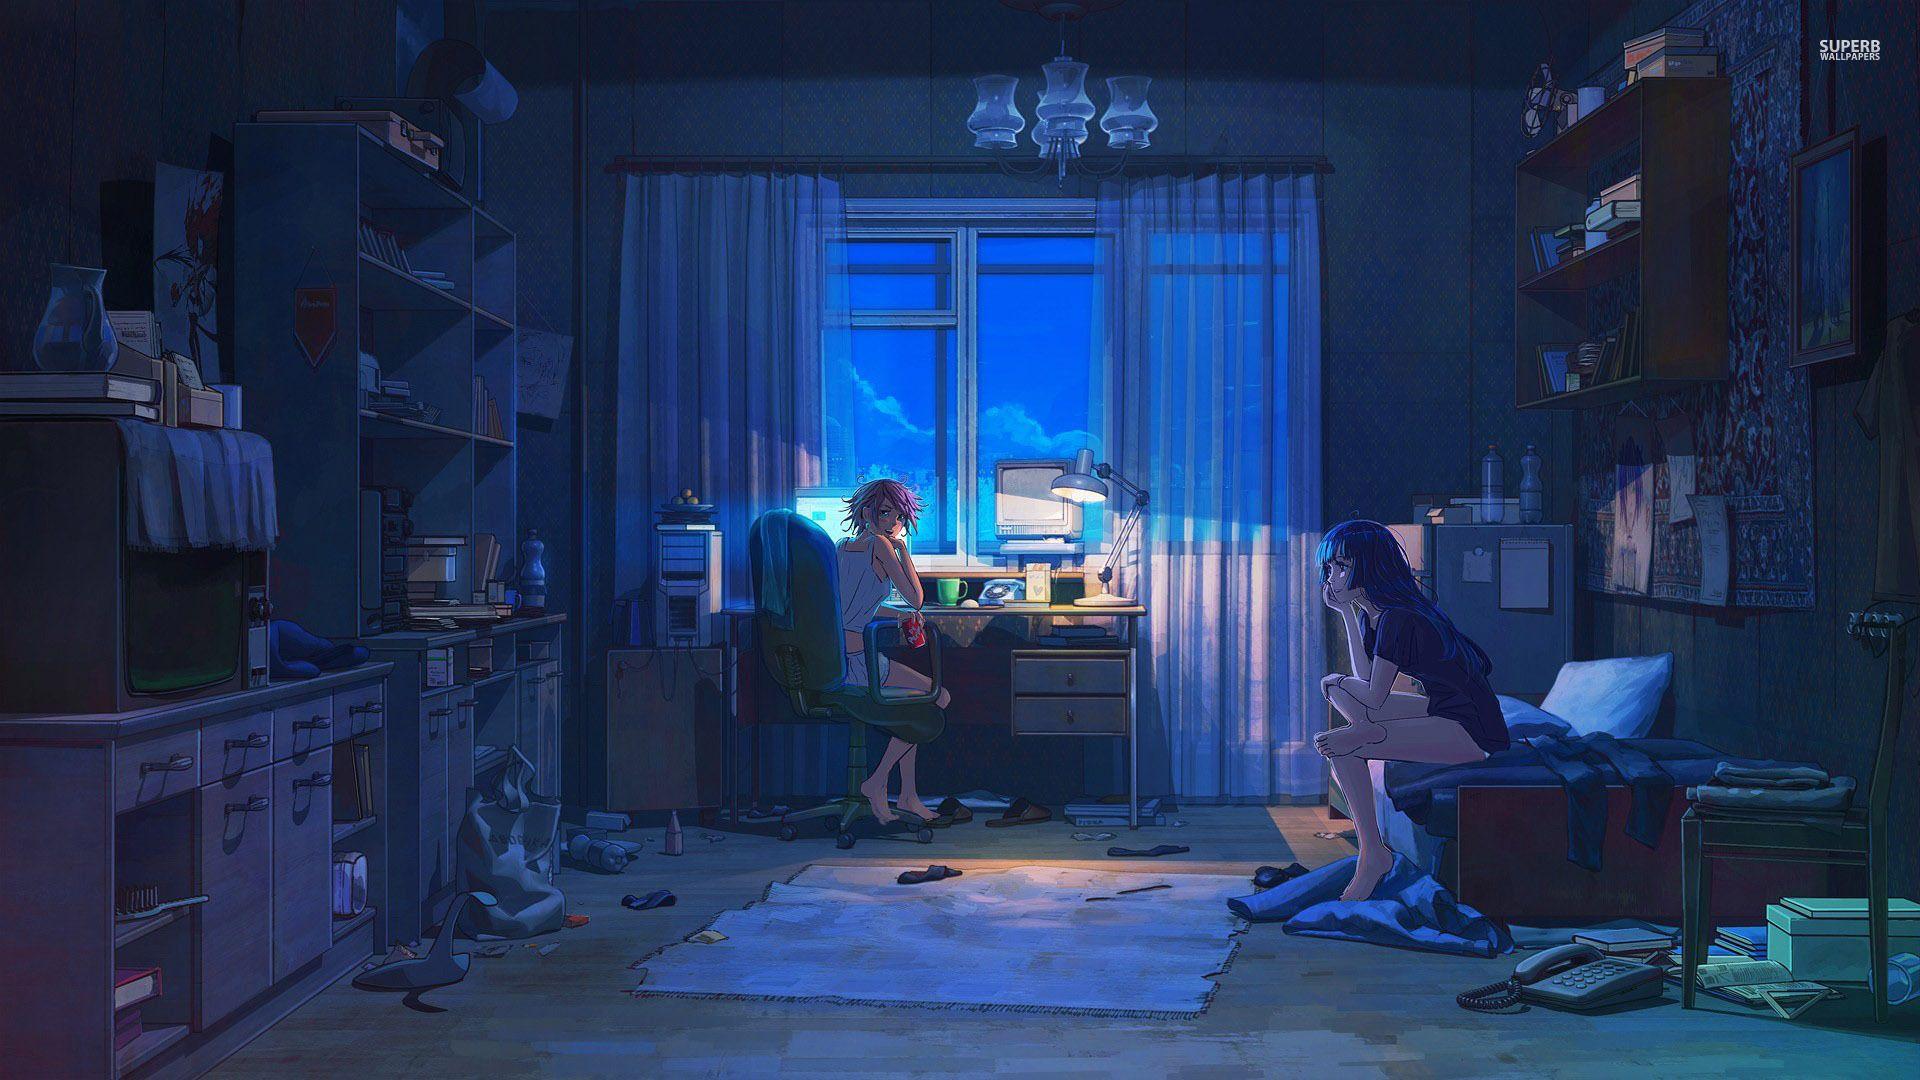 Good Wallpaper Anime Aesthetic - 5e0e7cea5b70df970c77861a266941e8  2018_215431      .jpg